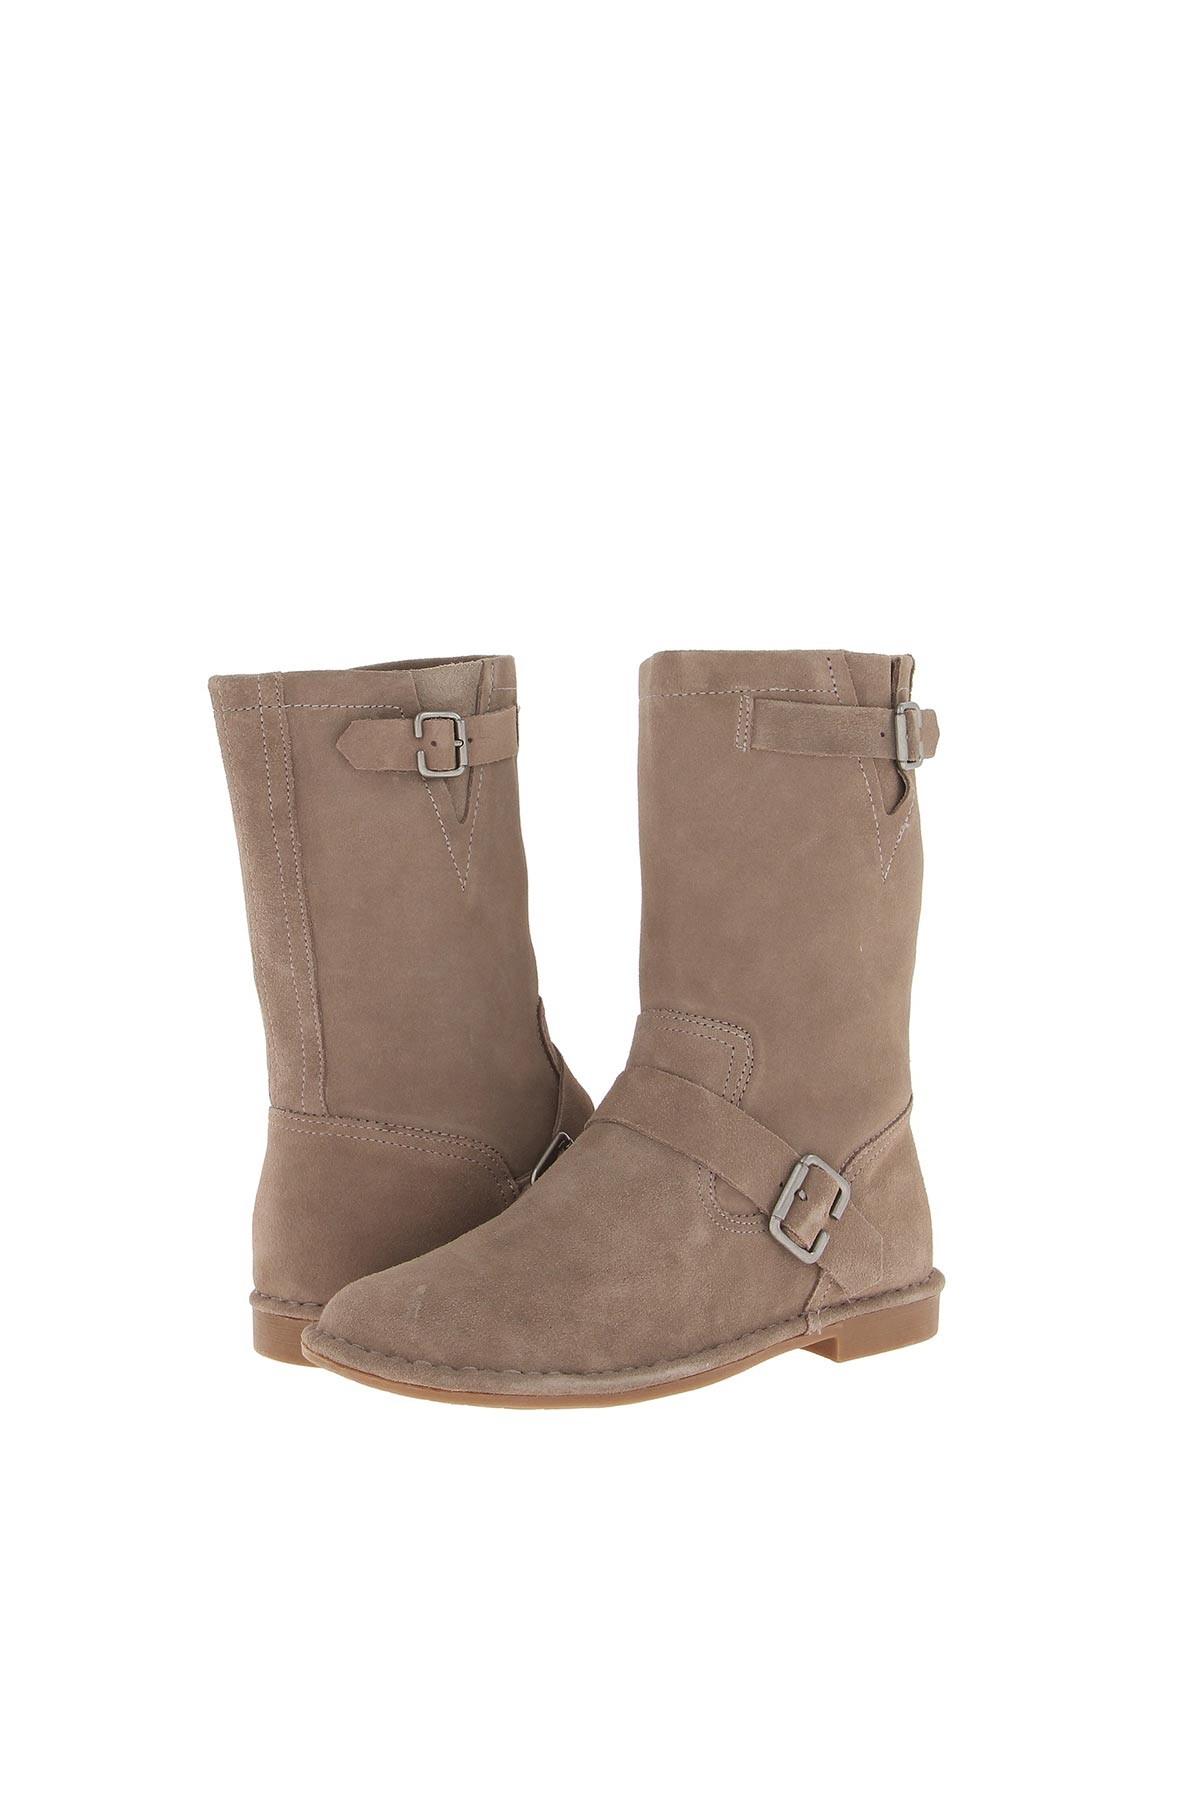 احذية شتاء انيقة 14207494795.jpg